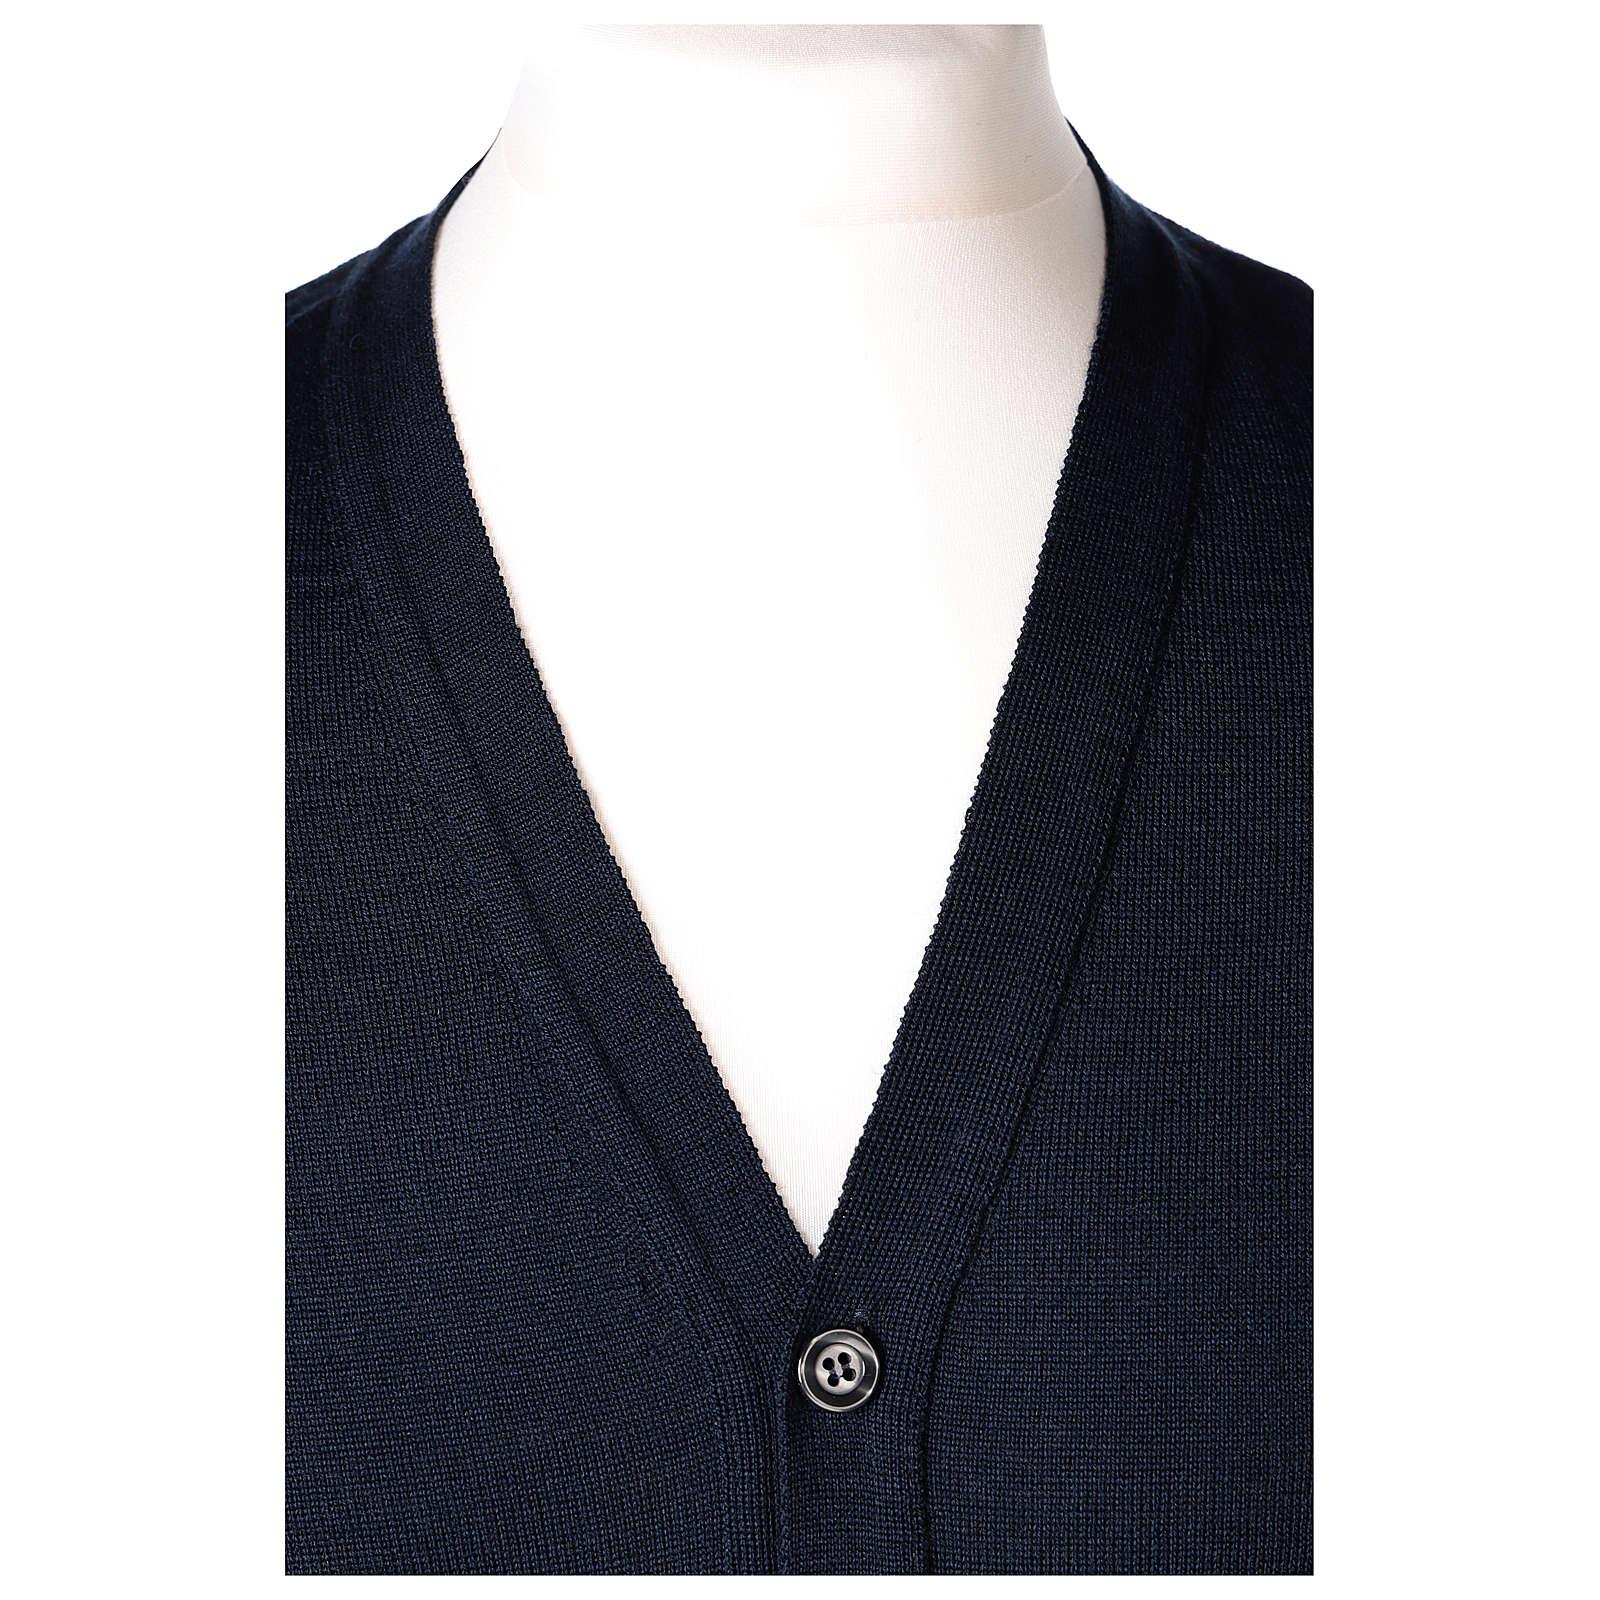 Gilet prêtre bleu poches et sans manches boutons jersey simple 50% acrylique 50% laine mérinos In Primis 4